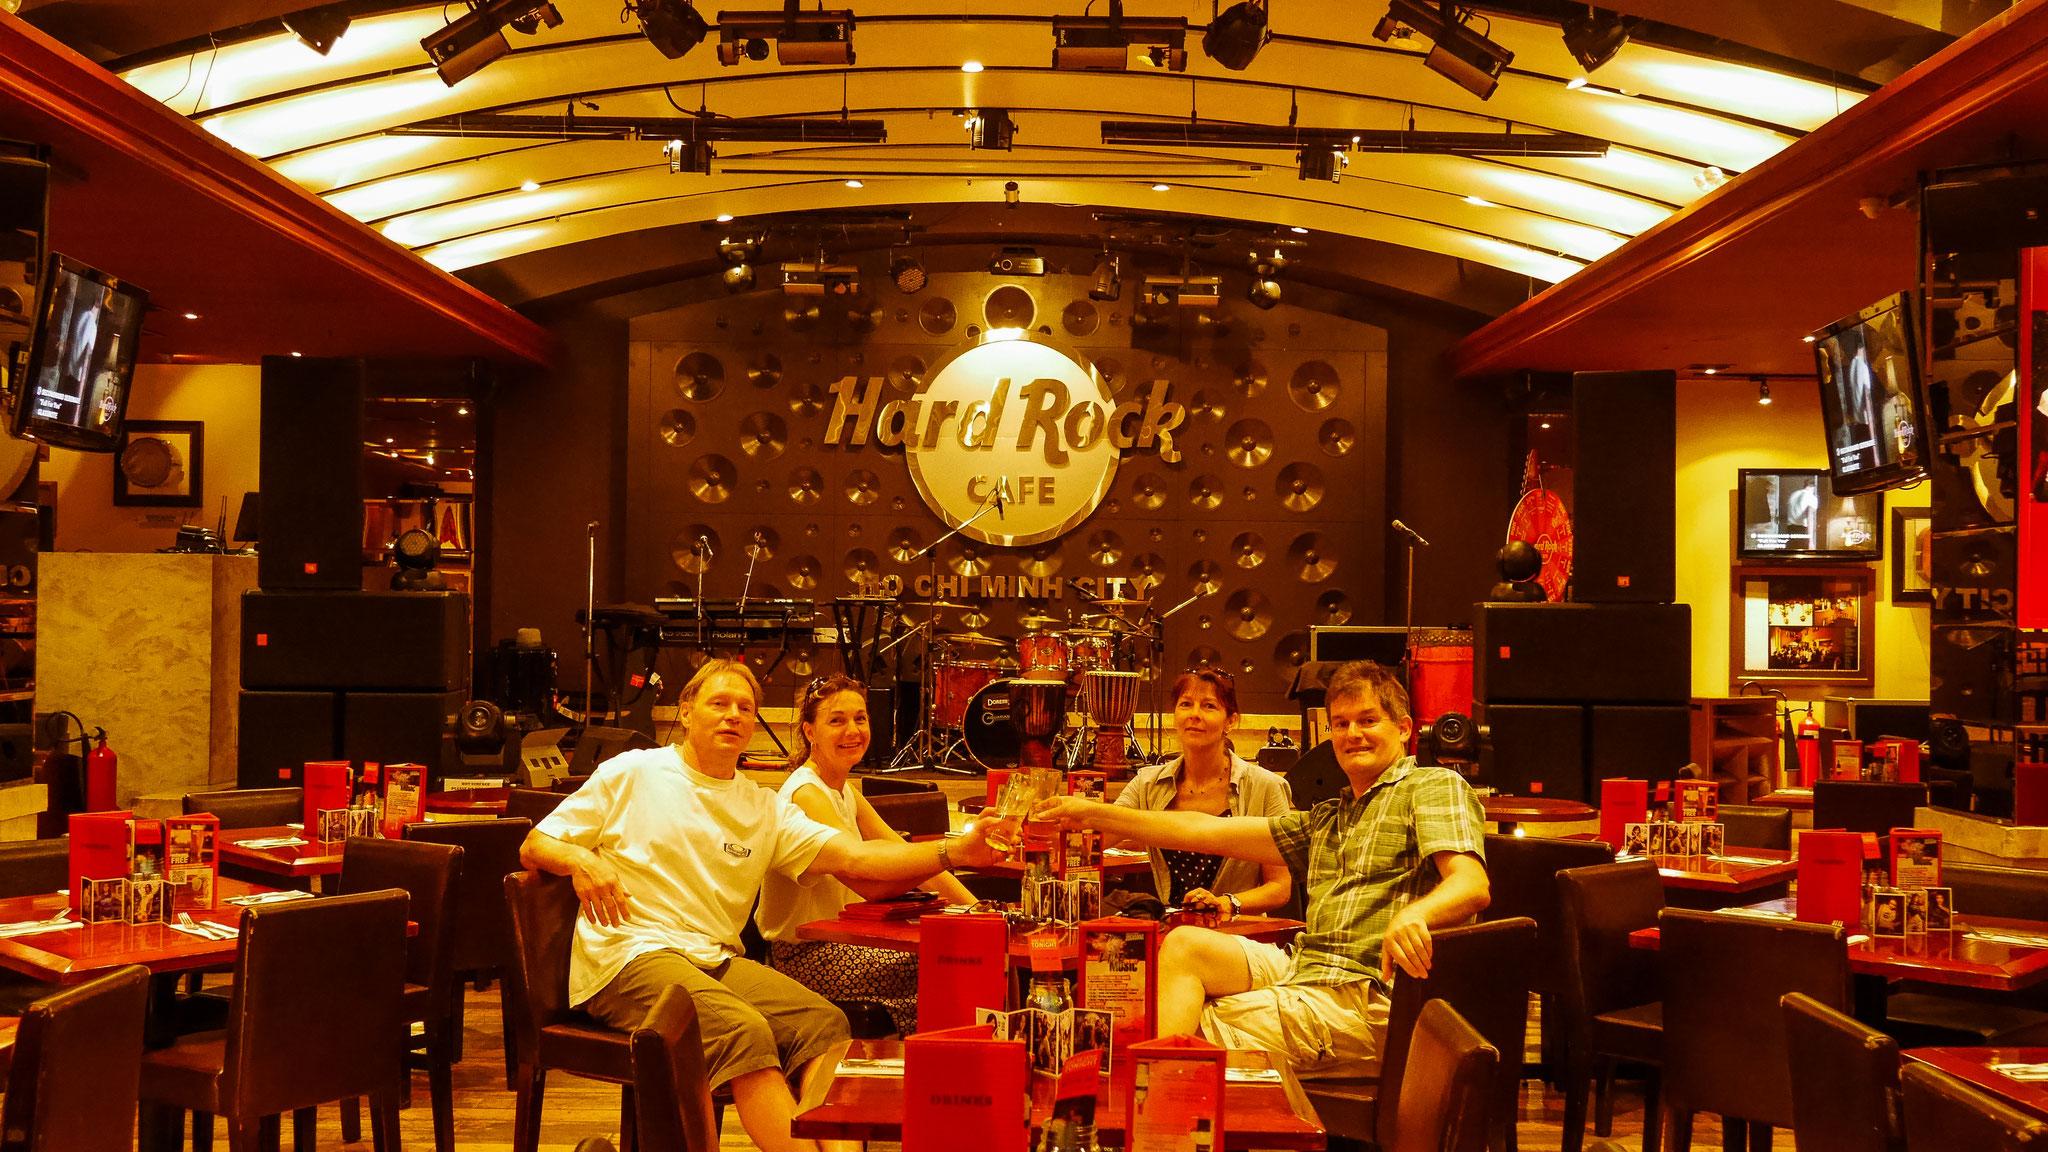 letze Runde vor dem Abflug durch die Stadt - Hard Rock Cafe Saigon